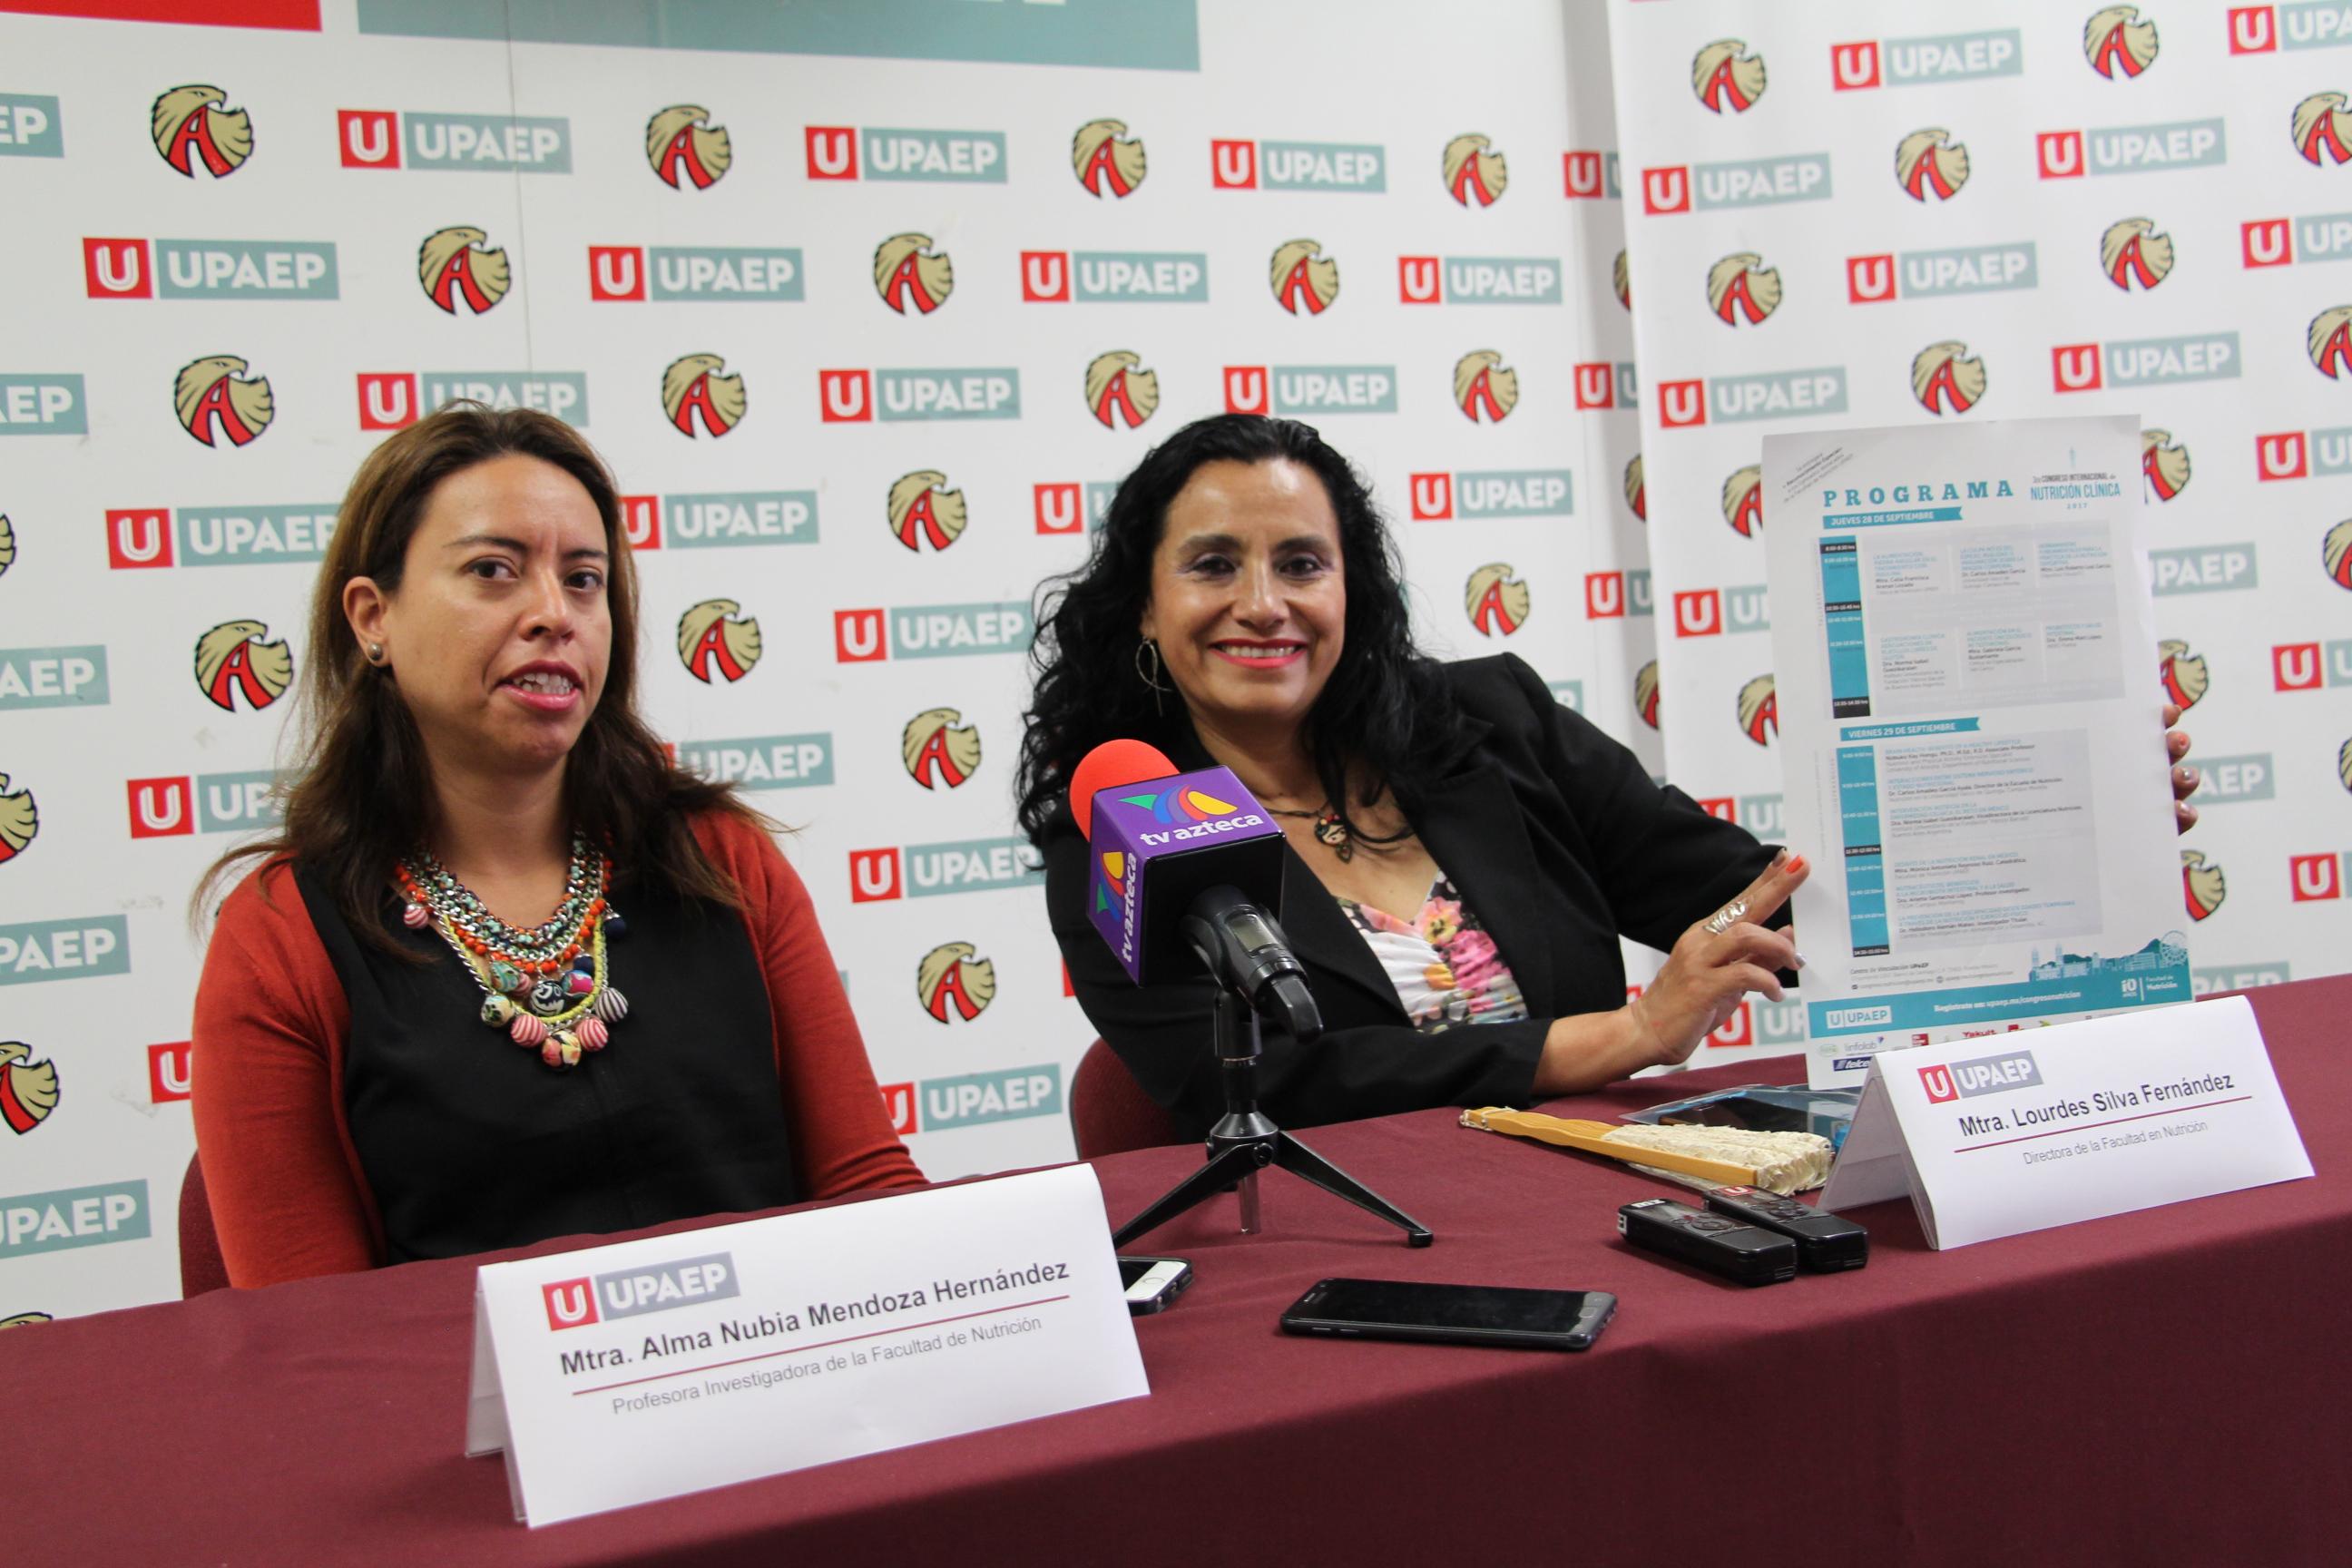 Facultad de Nutrición UPAEP celebrará 10 años de fundada